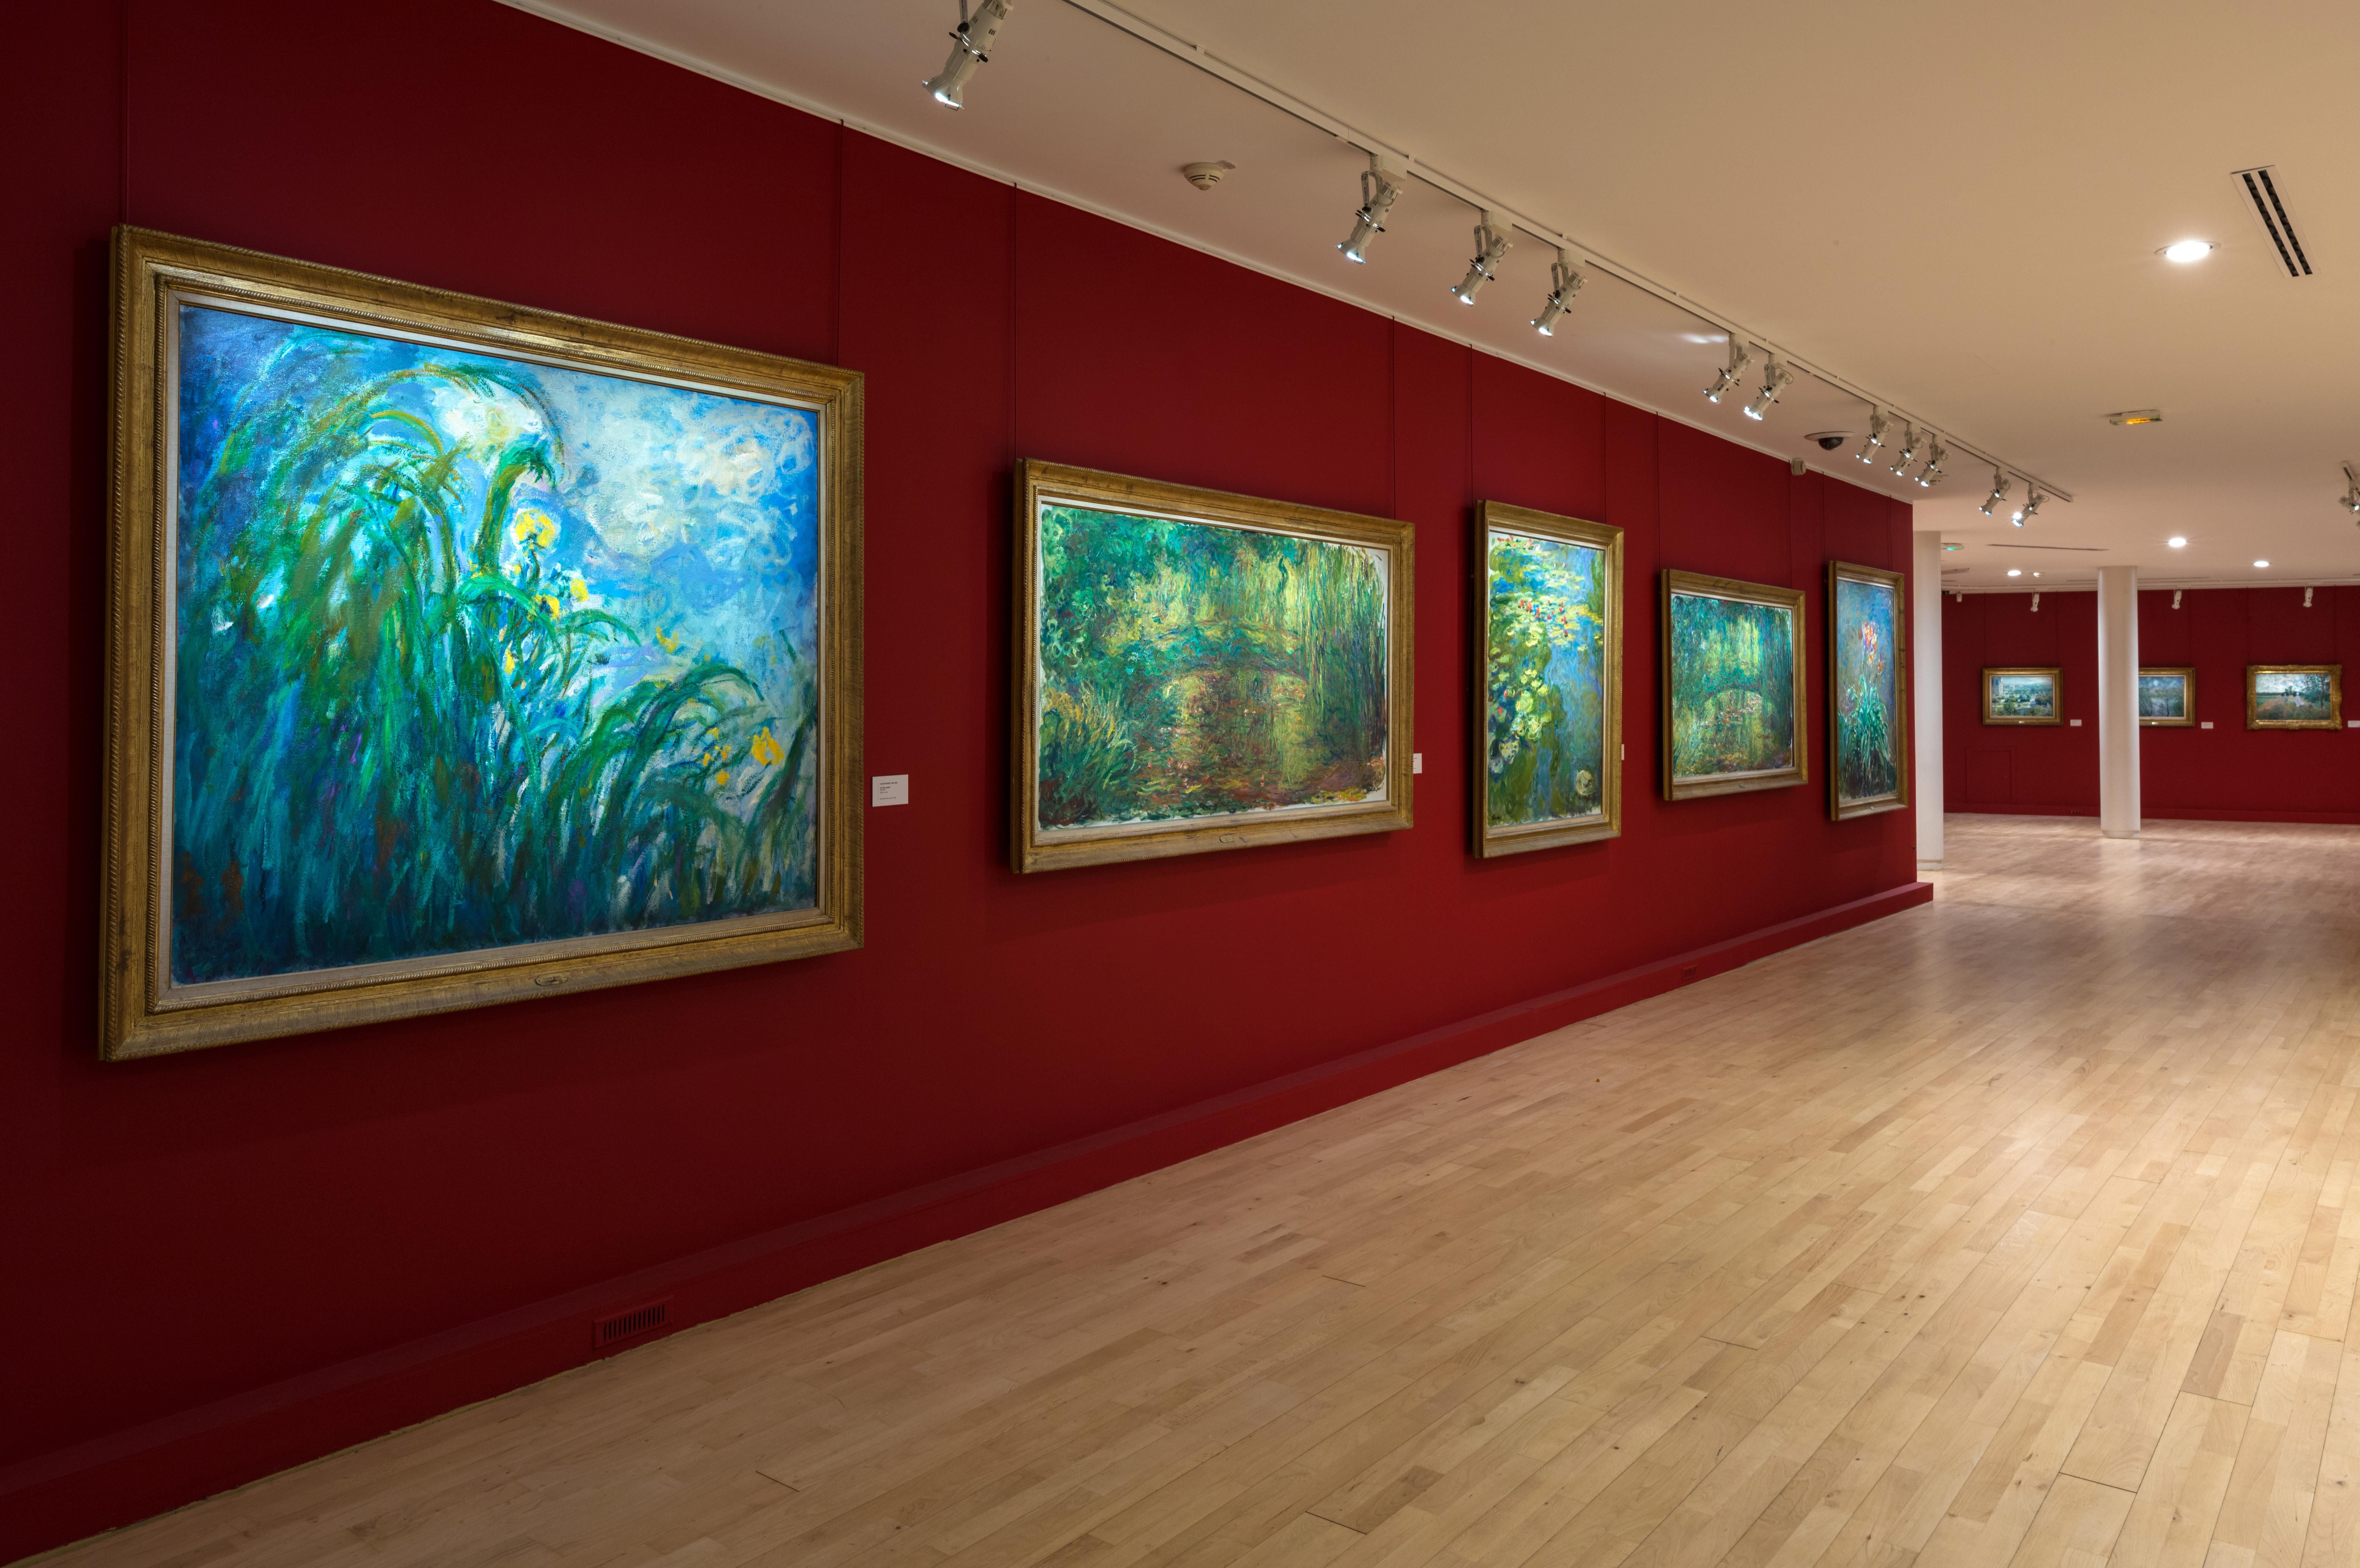 Musée Marmottan Monet Musée d'Orsay%252C Salle des Impressionnistes%252C Paris 2015.